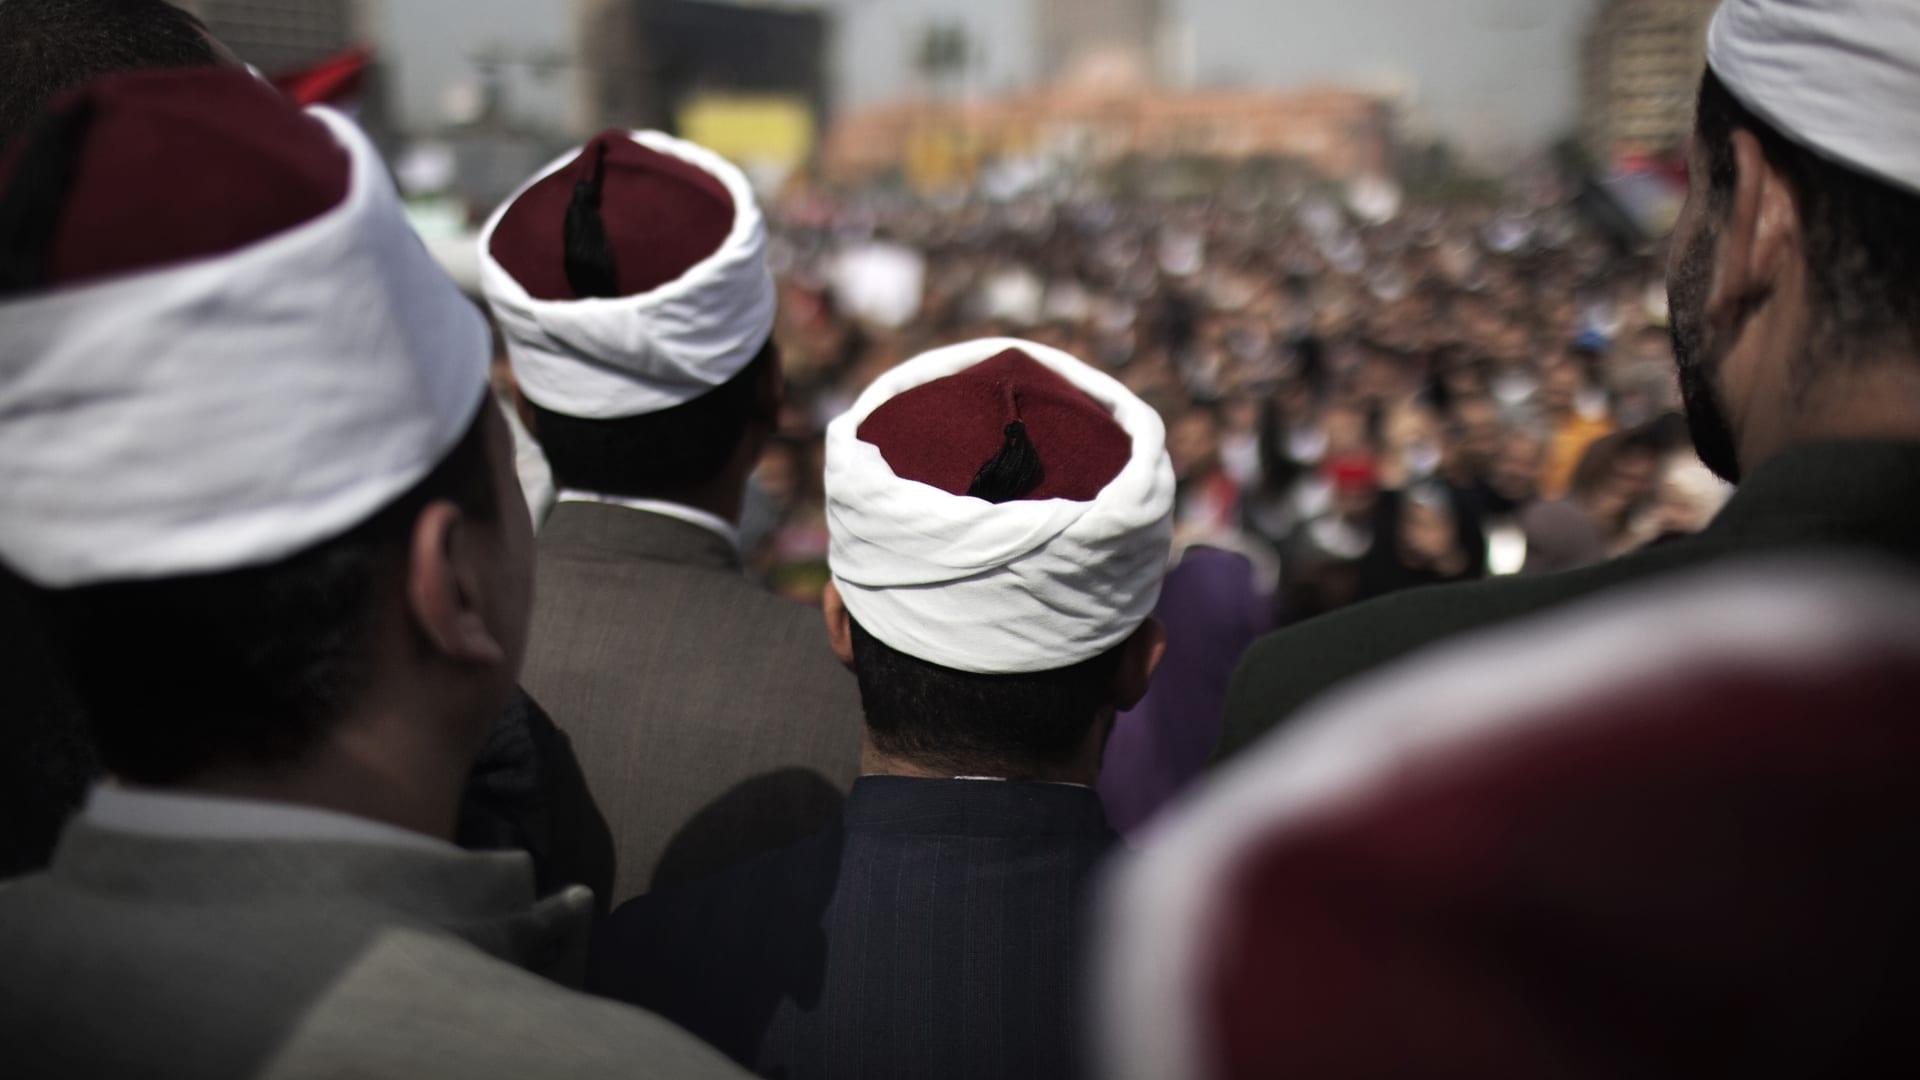 صورة أرشيفية (تعبيرية) لعدد من رجال الدين في مصر